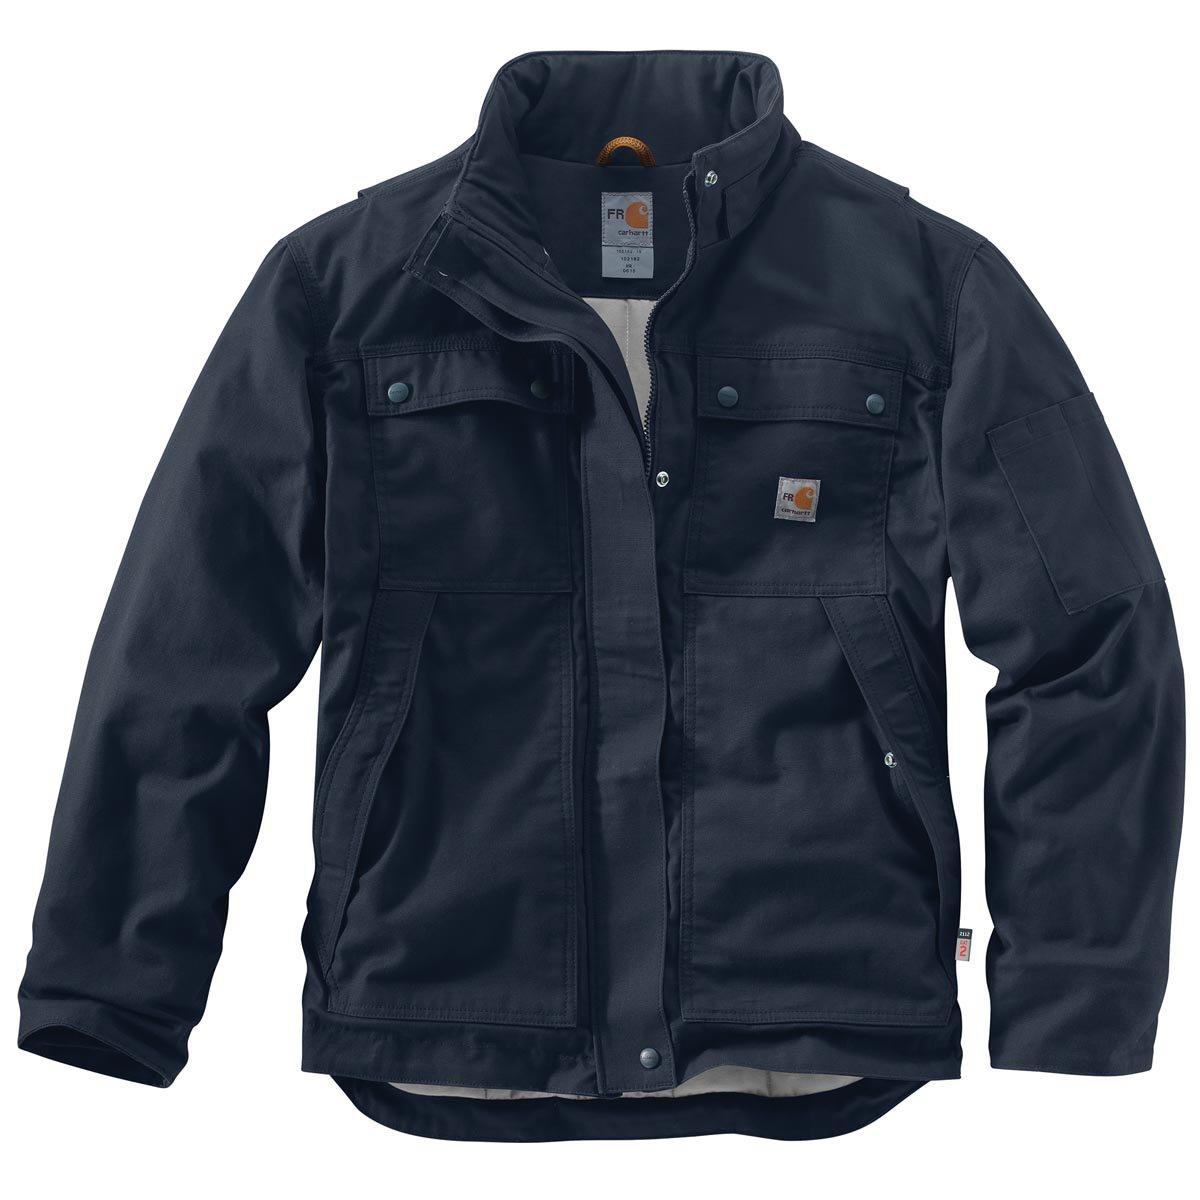 Carhartt Men's Flame Resistant Full Swing Quick Duck Coat, Dark Navy, X-Large